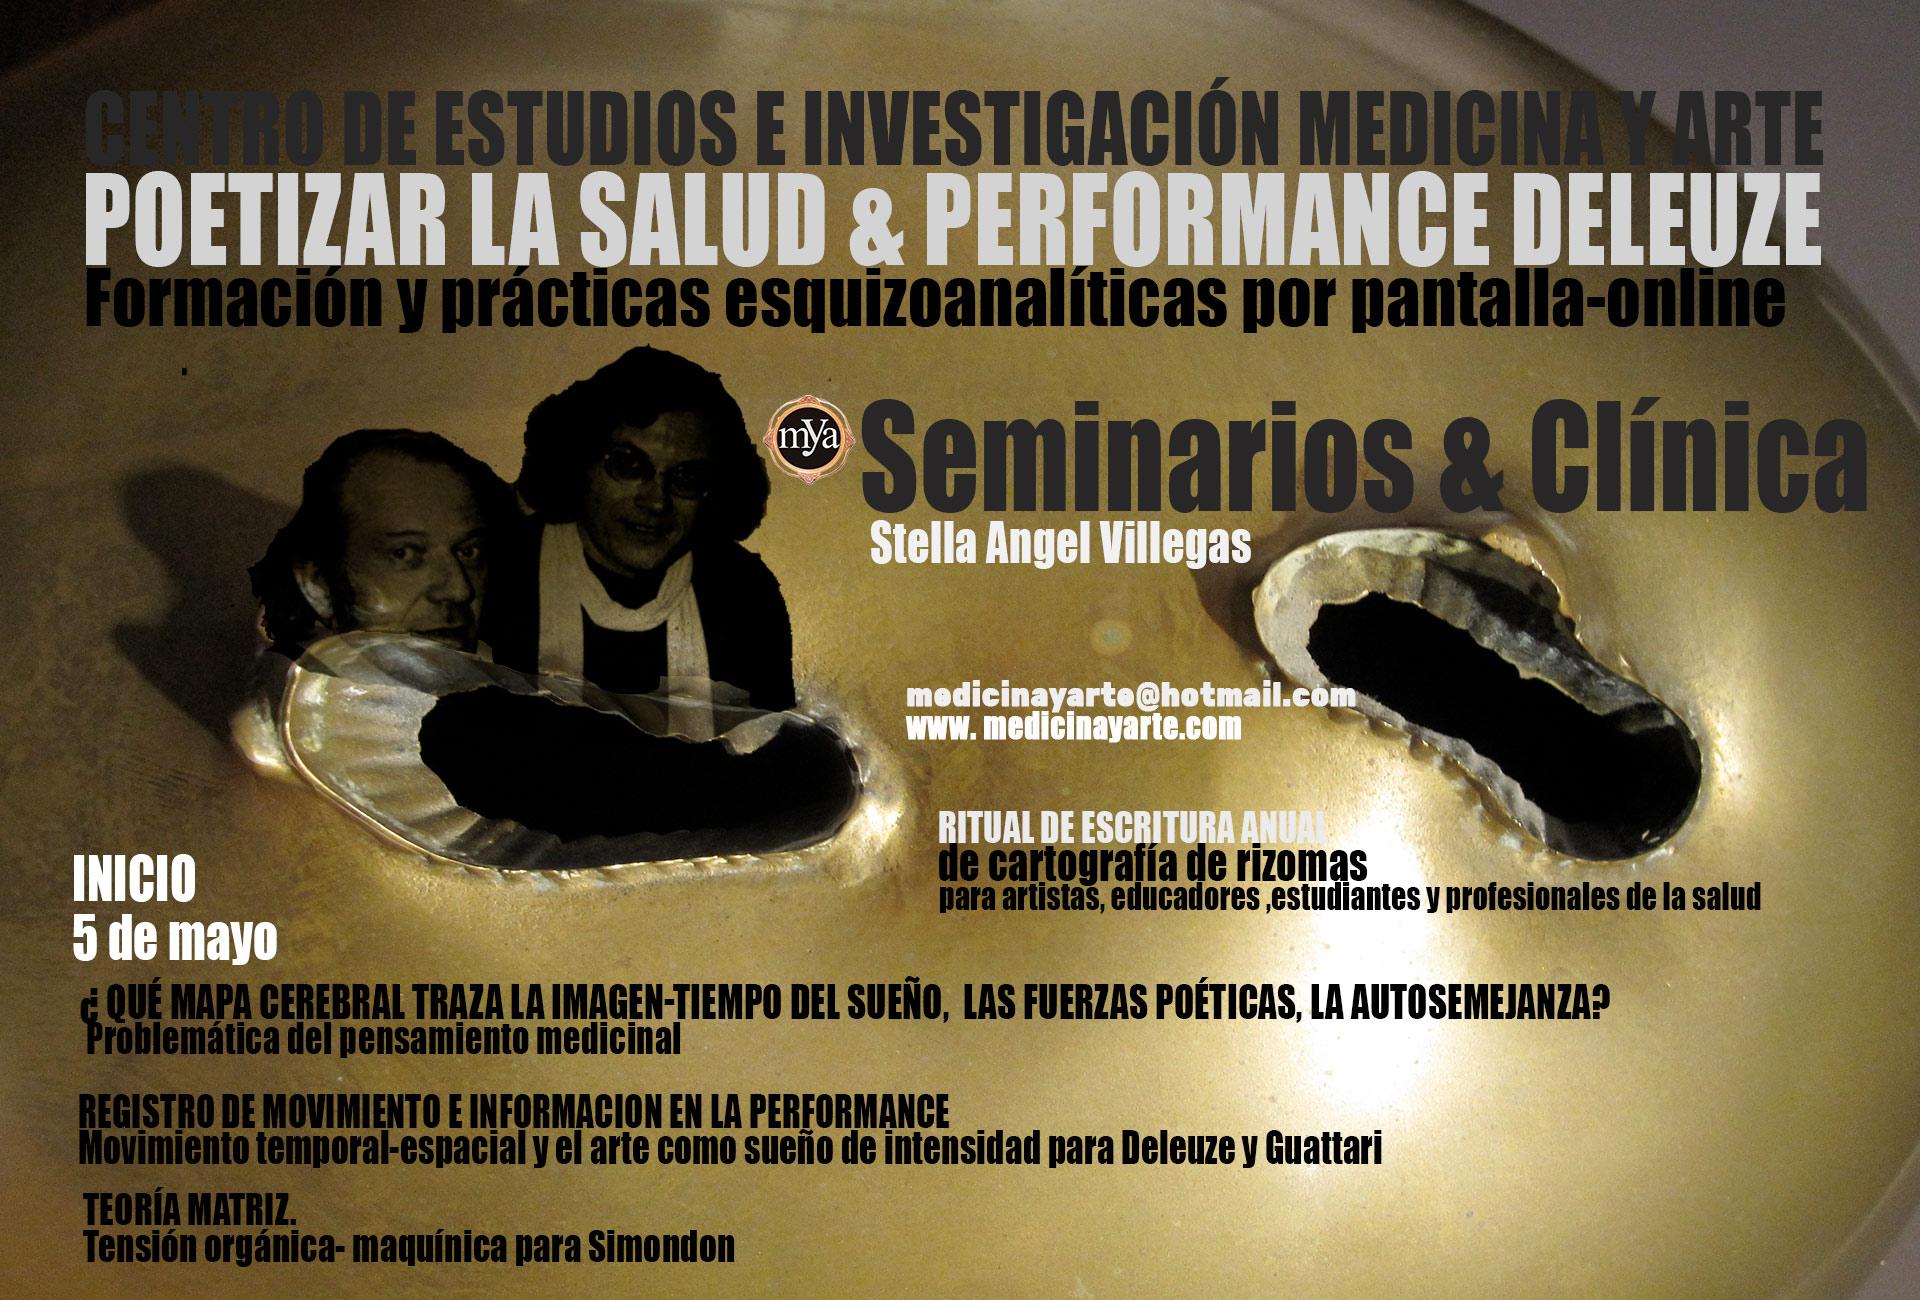 http://medicinayarte.com/img/poetizar_la_Salud_Performance_Deleuzev3.jpg